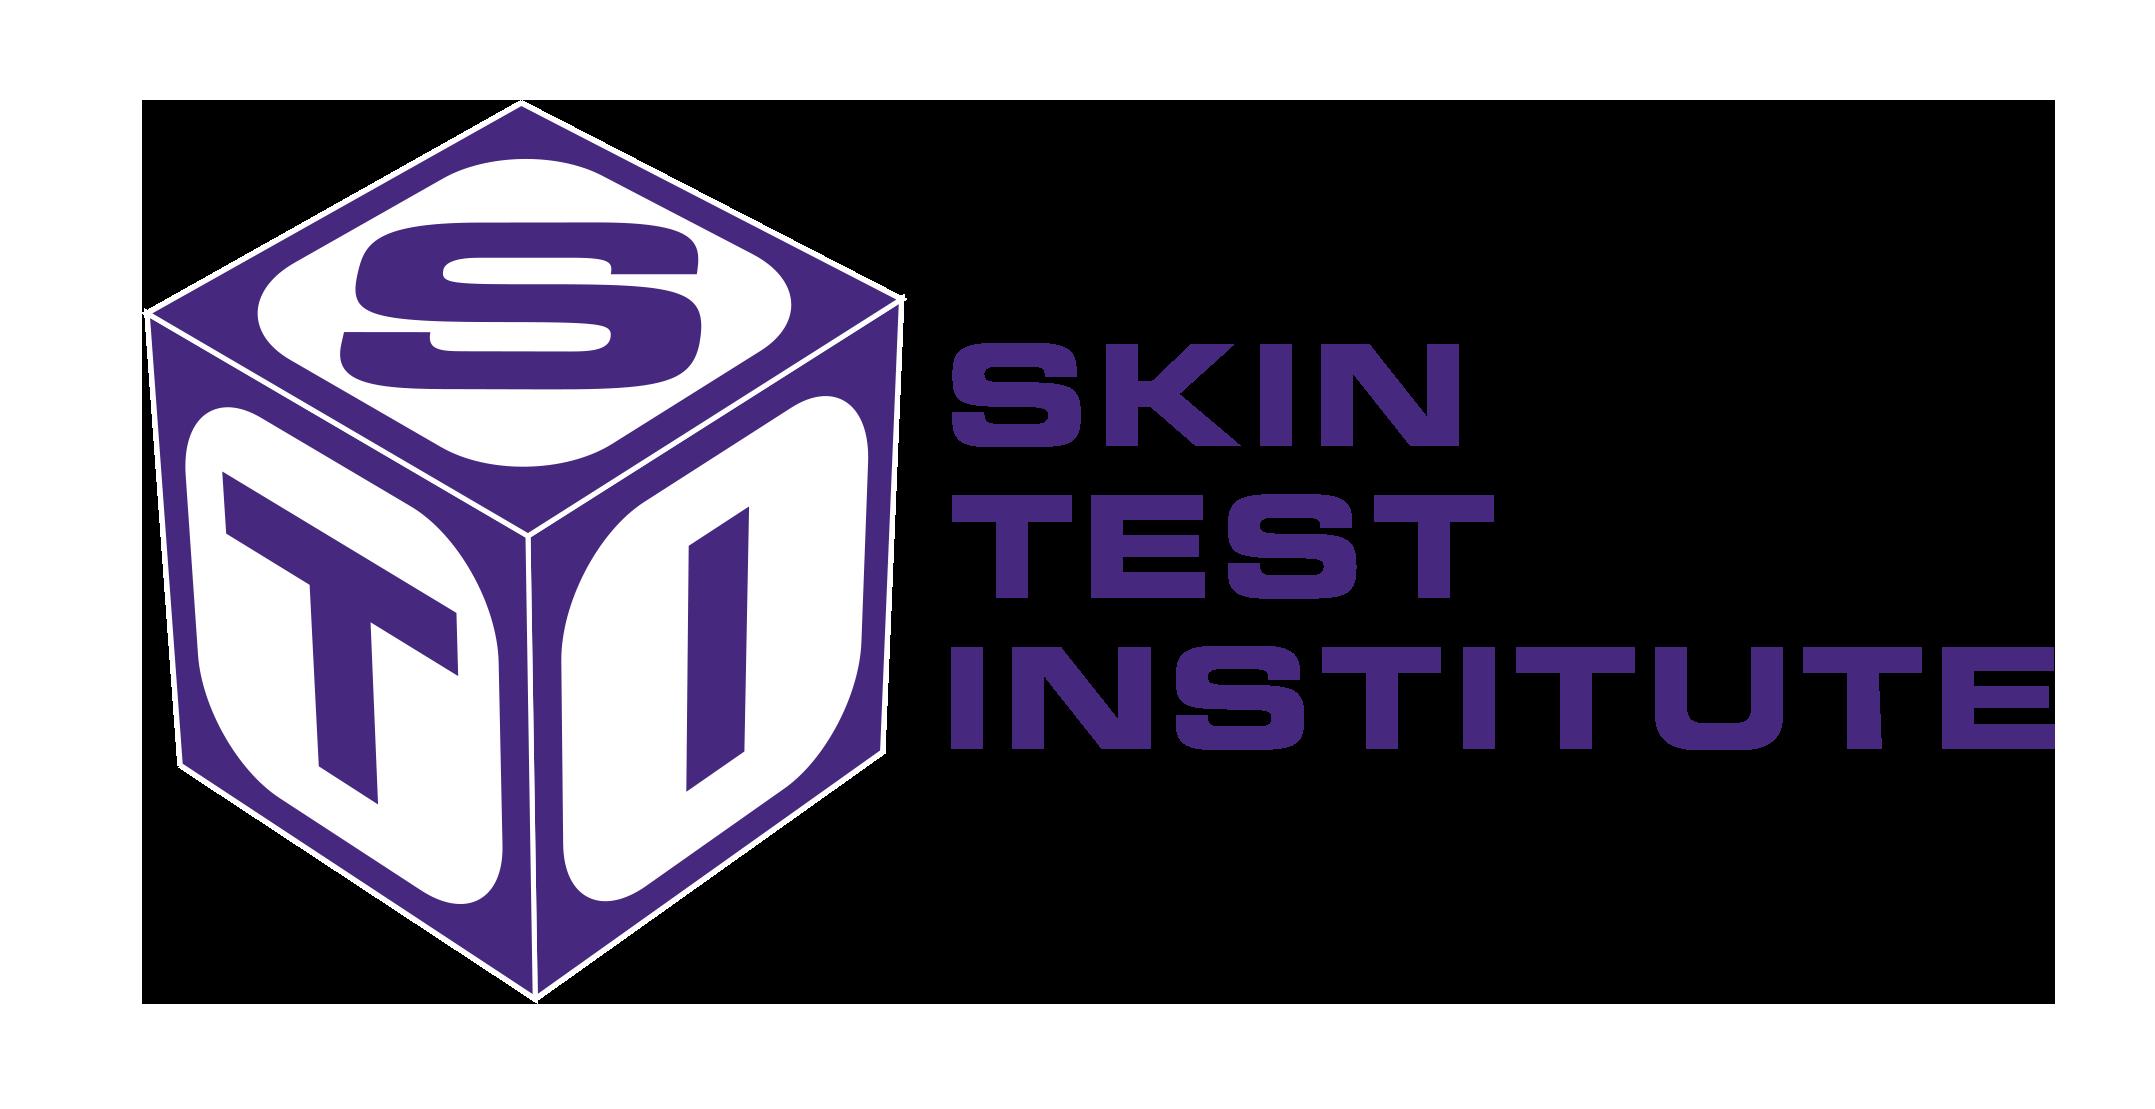 Skin test institute